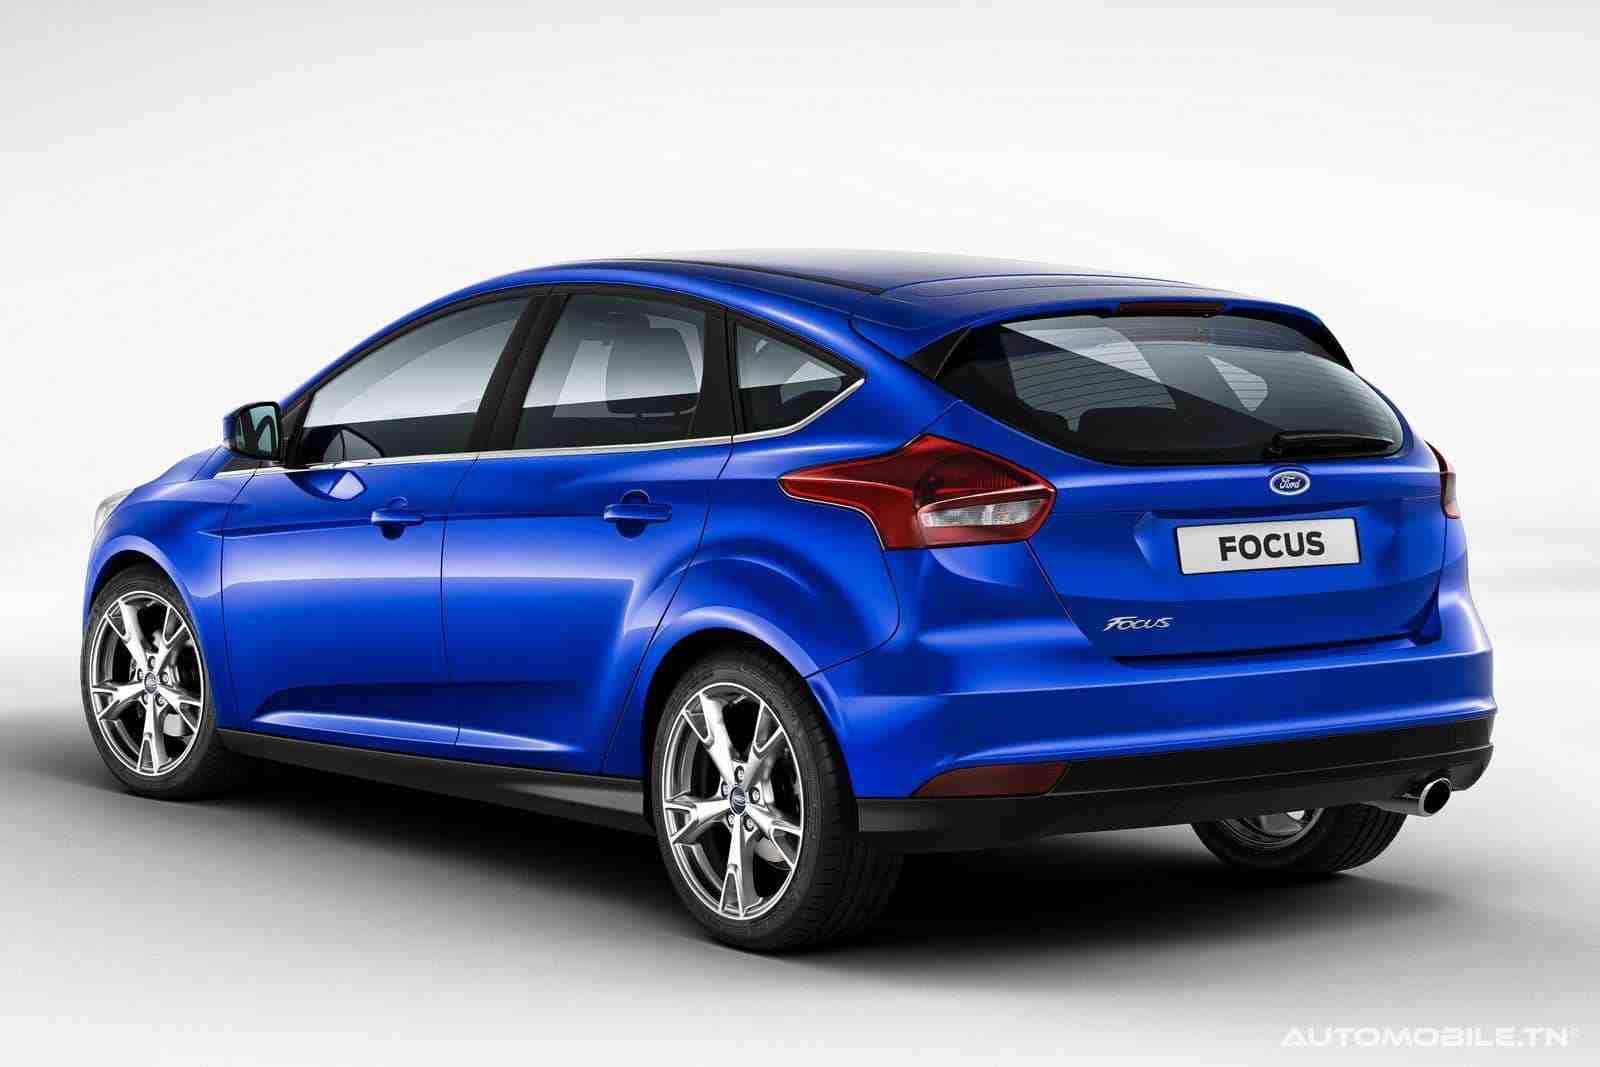 Quelle voiture sera achetée en 2020?